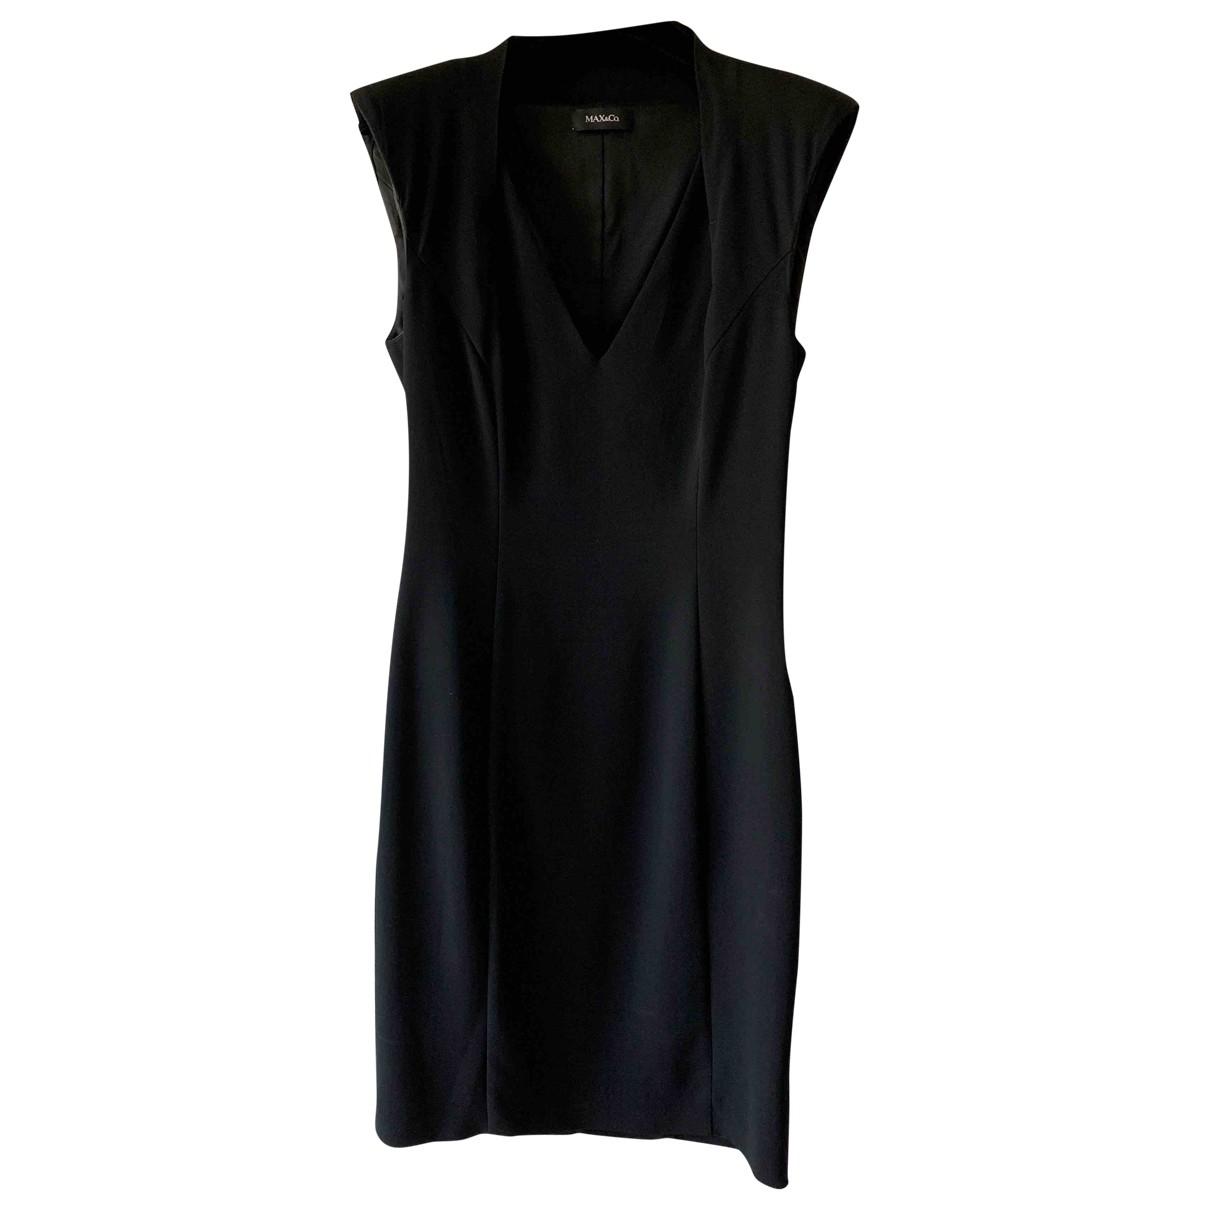 Max & Co \N Black dress for Women 40 IT